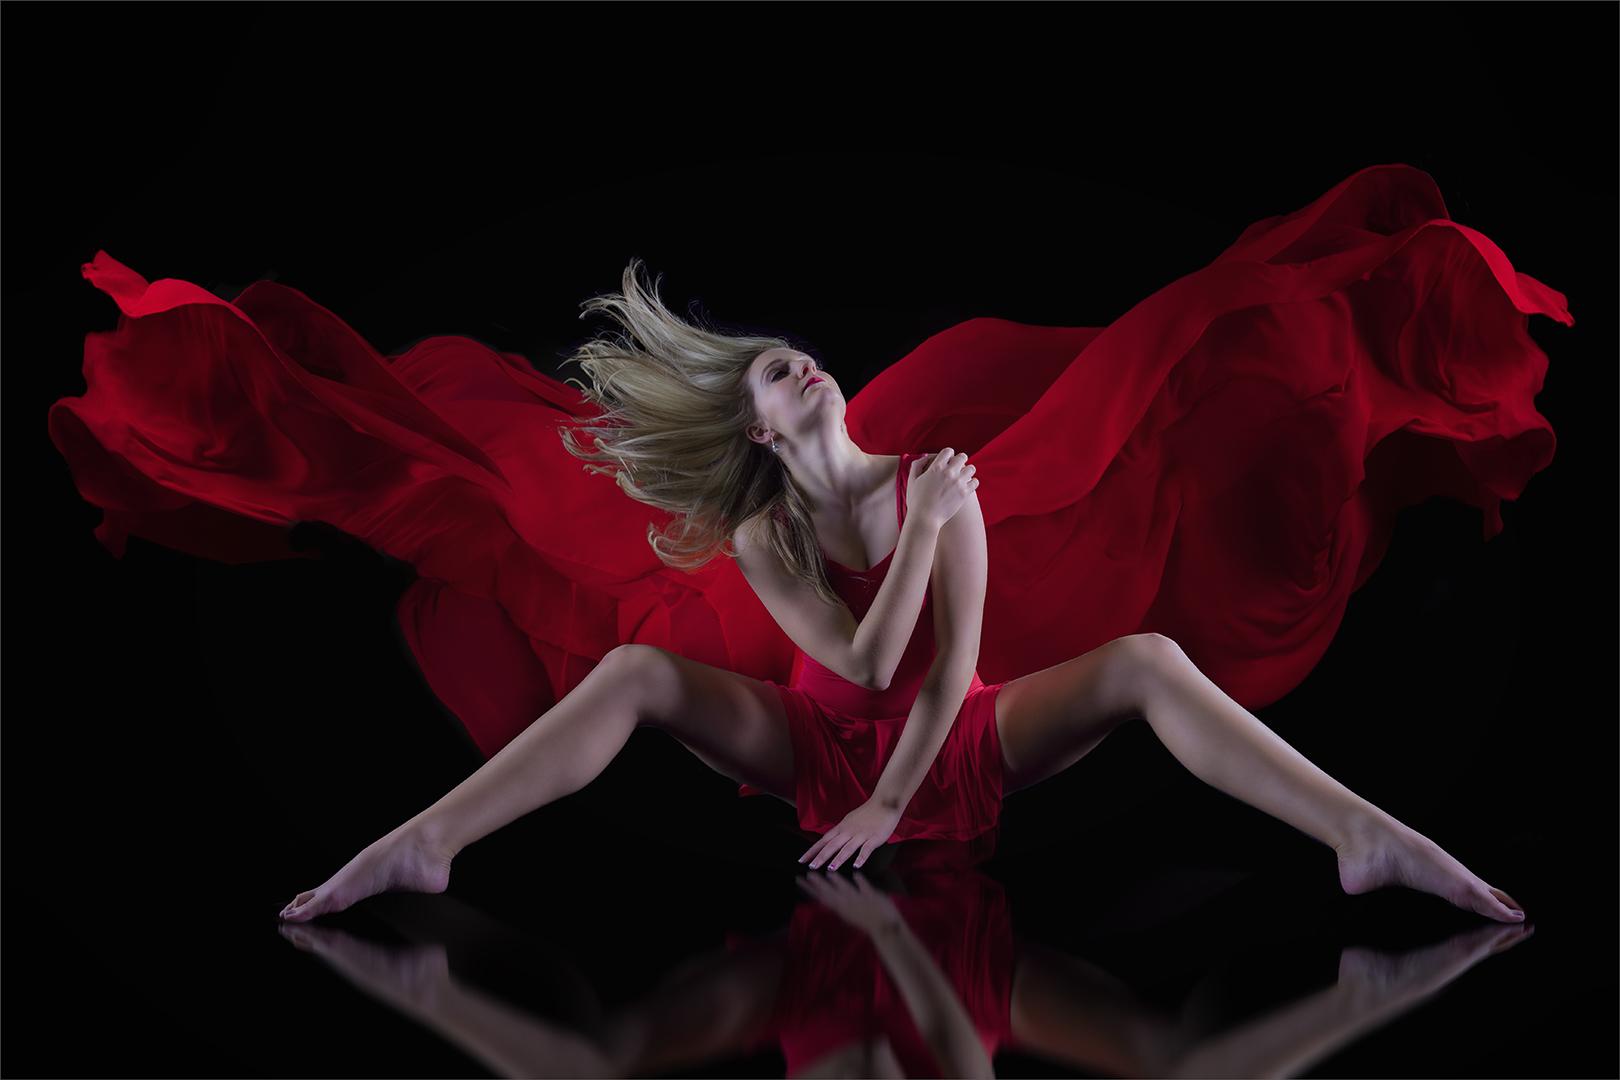 Red Dragon-Aubrey Siebert